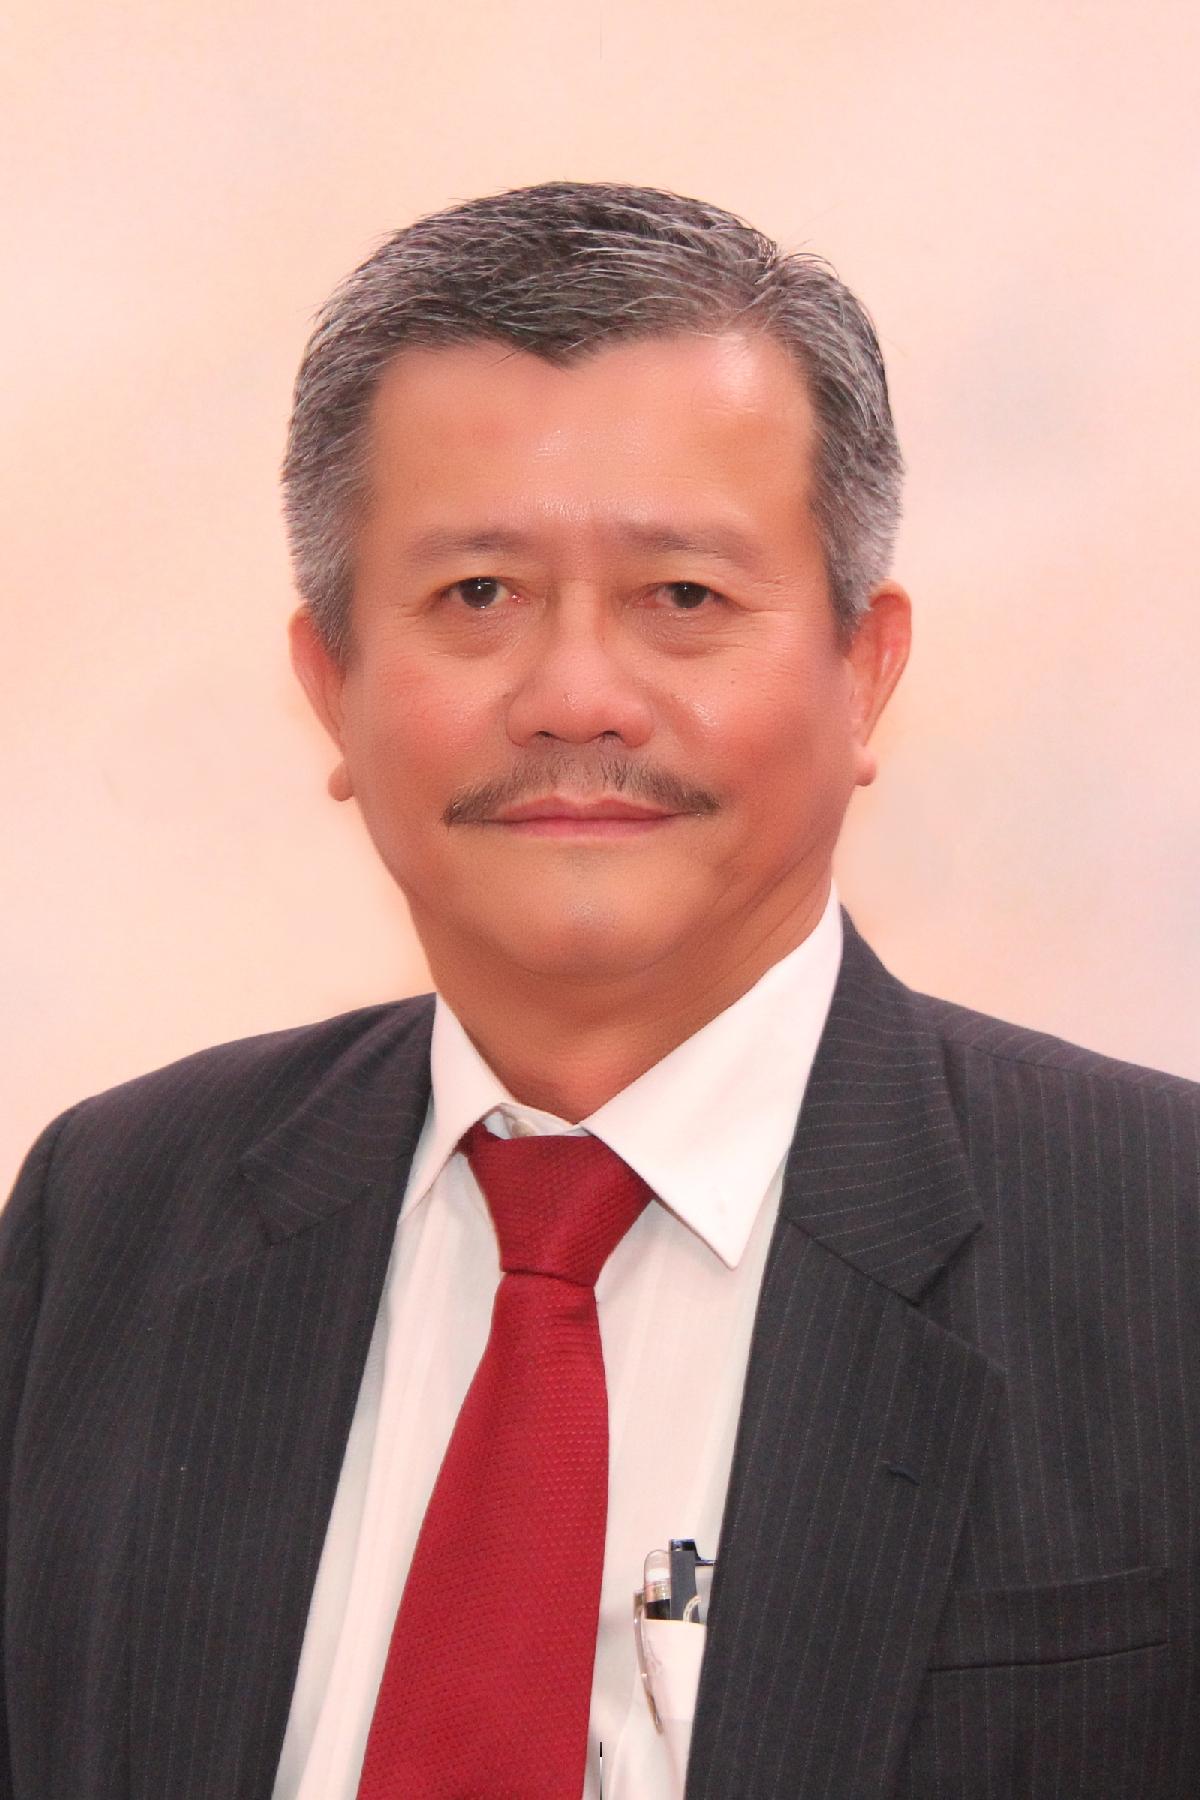 <h80>拿督杜元成</h80><br>Dato' David Toh Guan Seng